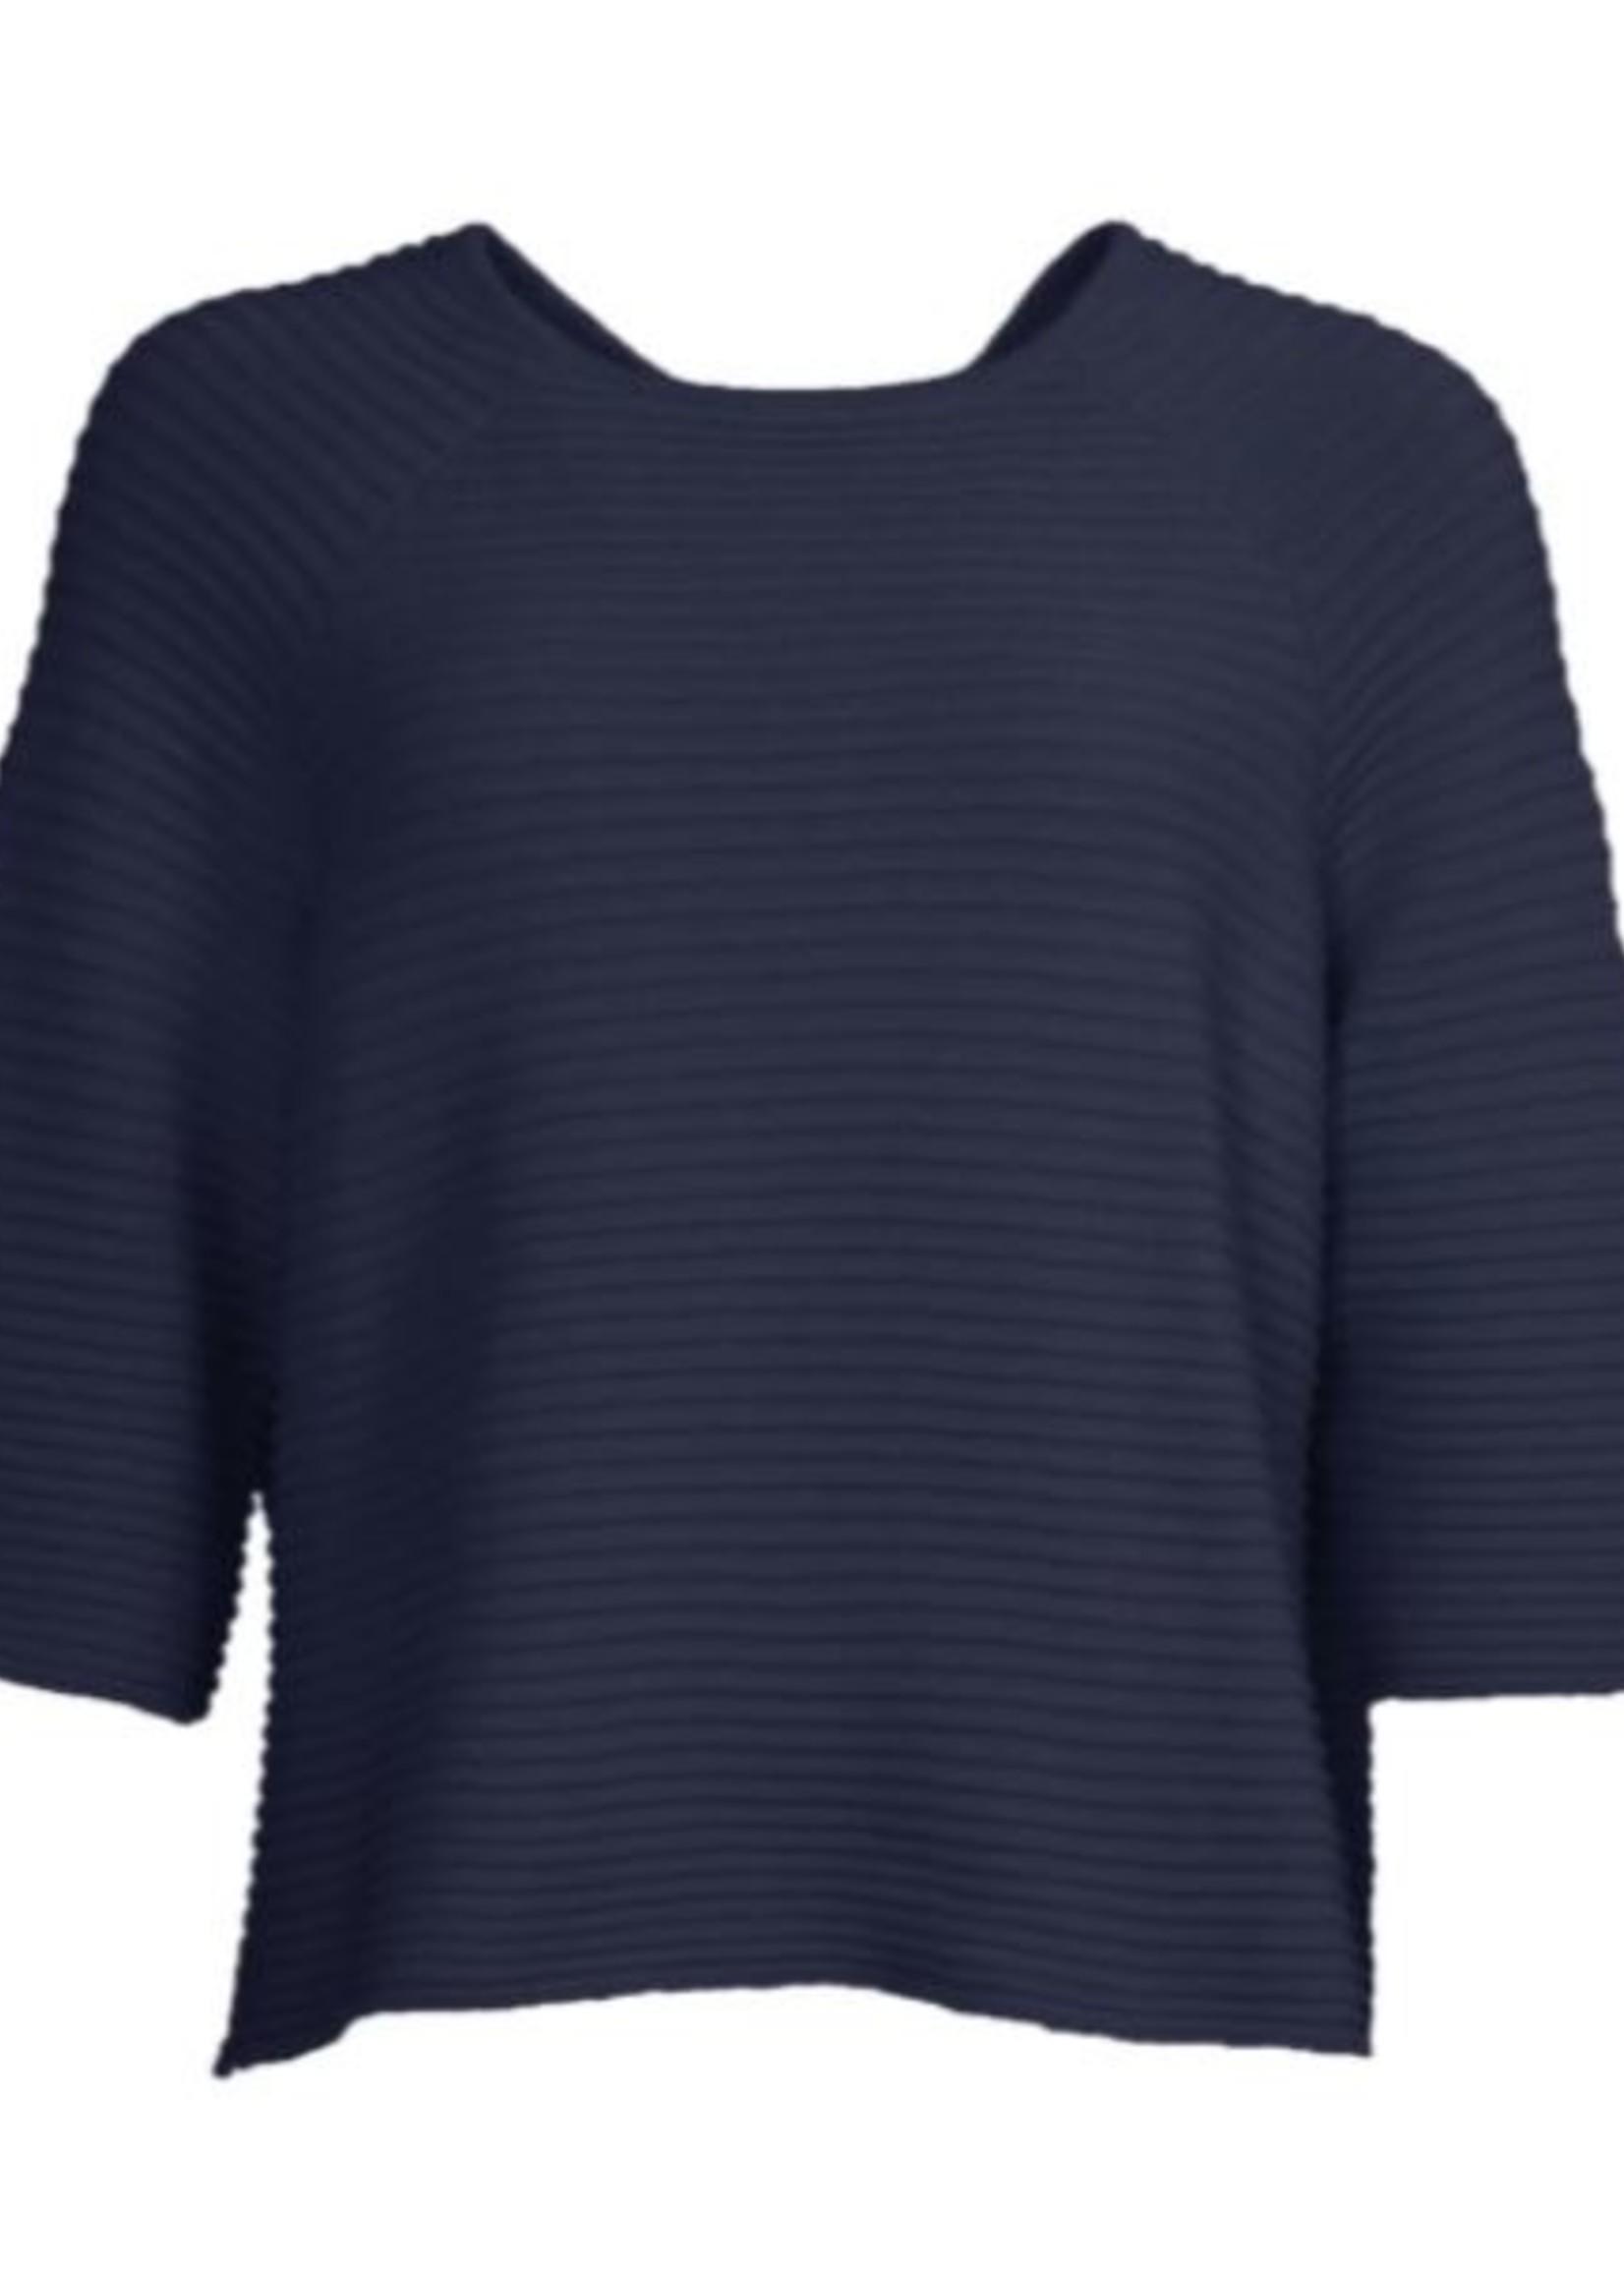 I Say Kaisa pullover Navy